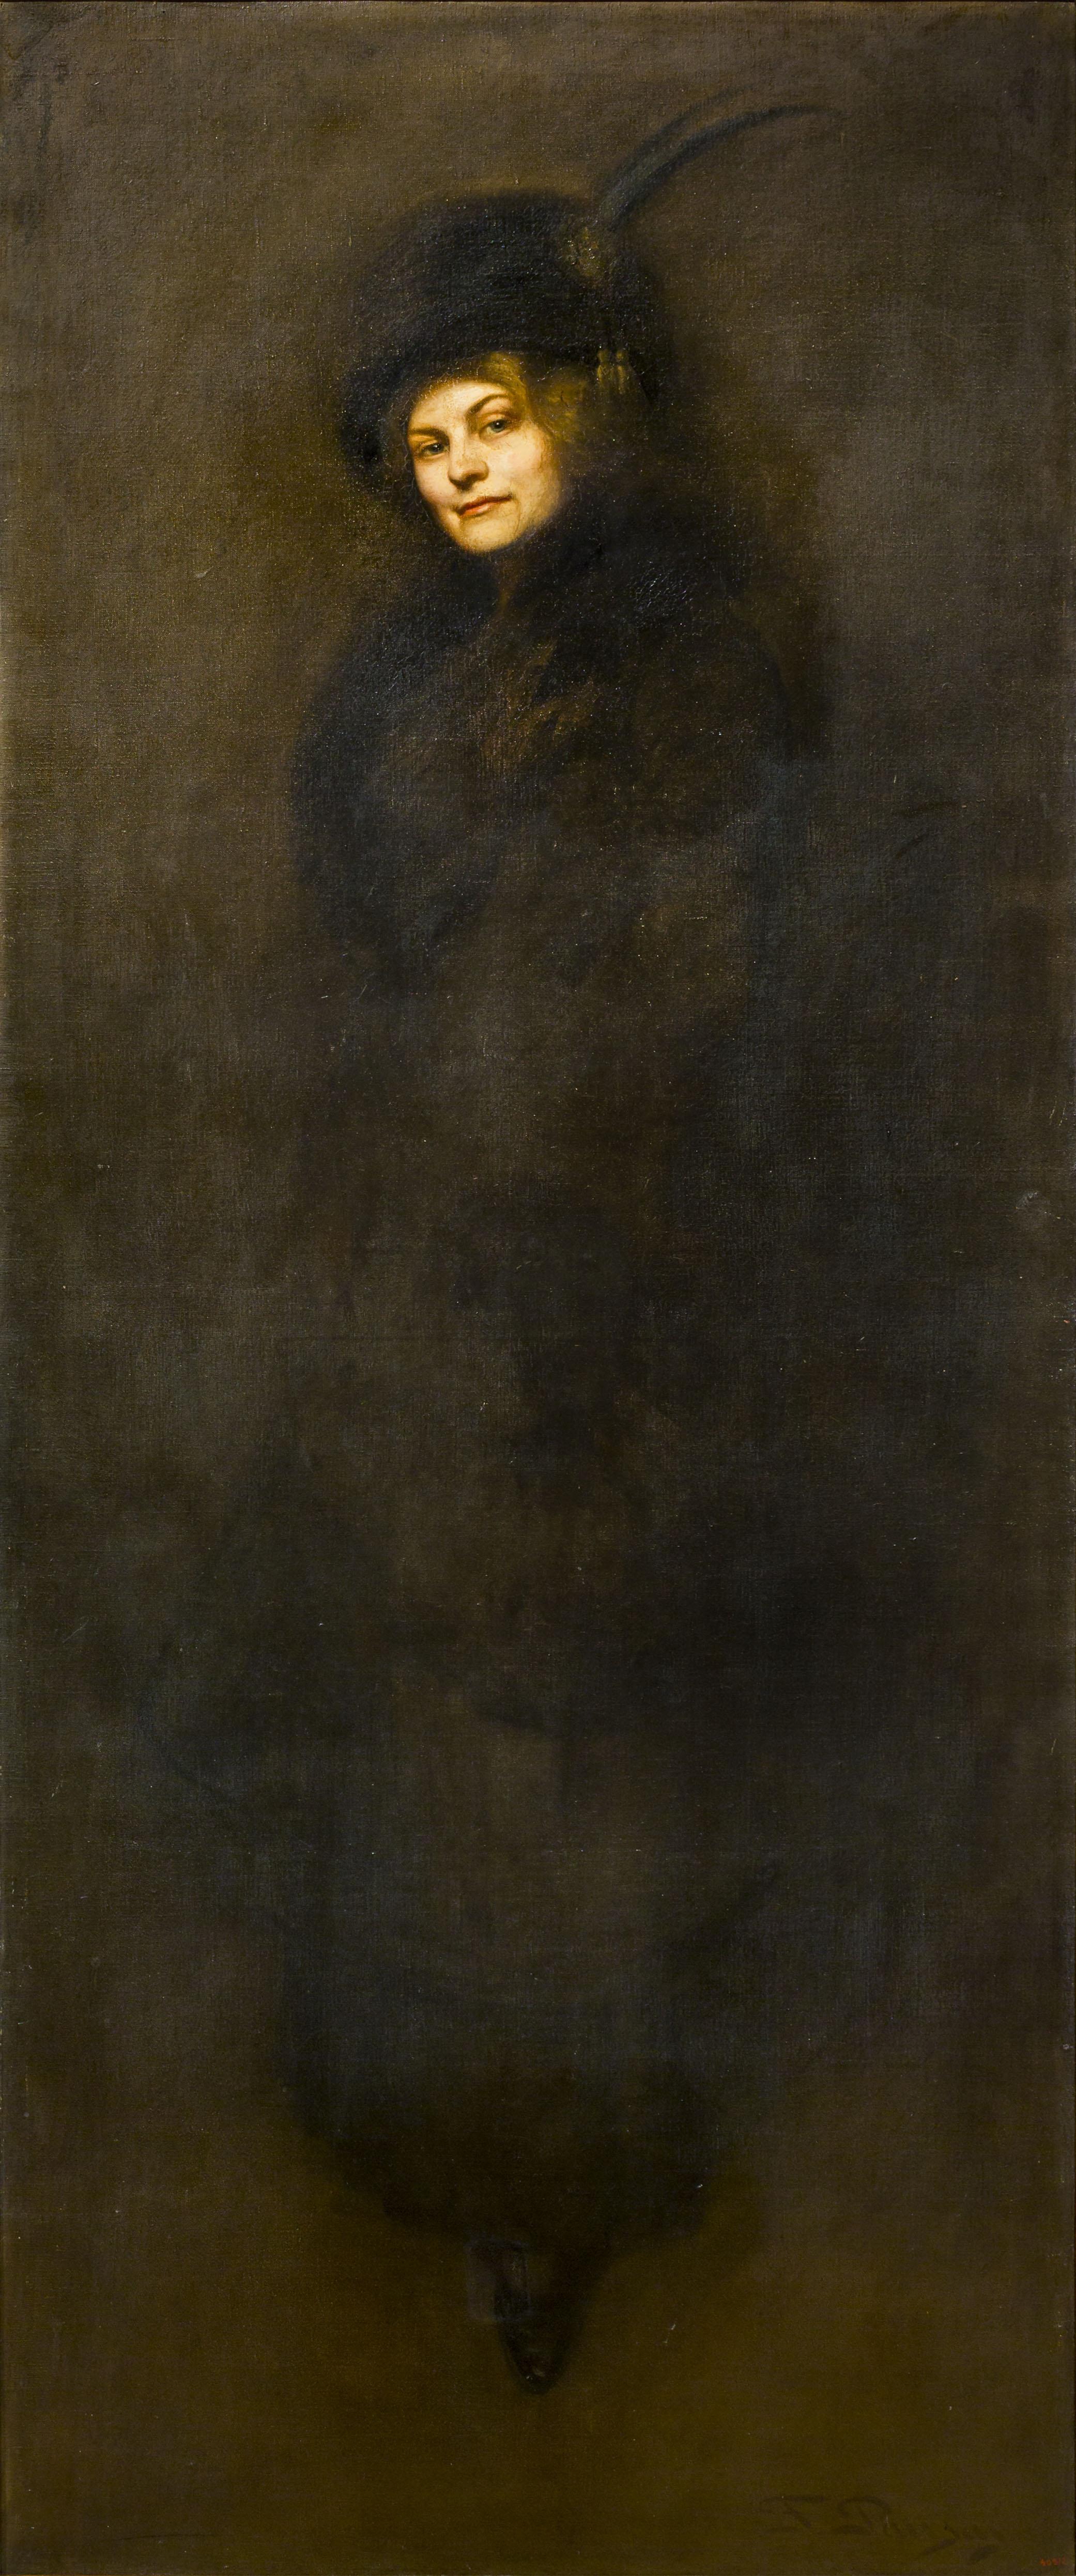 Francesc Pausas - Retrat de Maria Sampere, dona del pintor - 1911